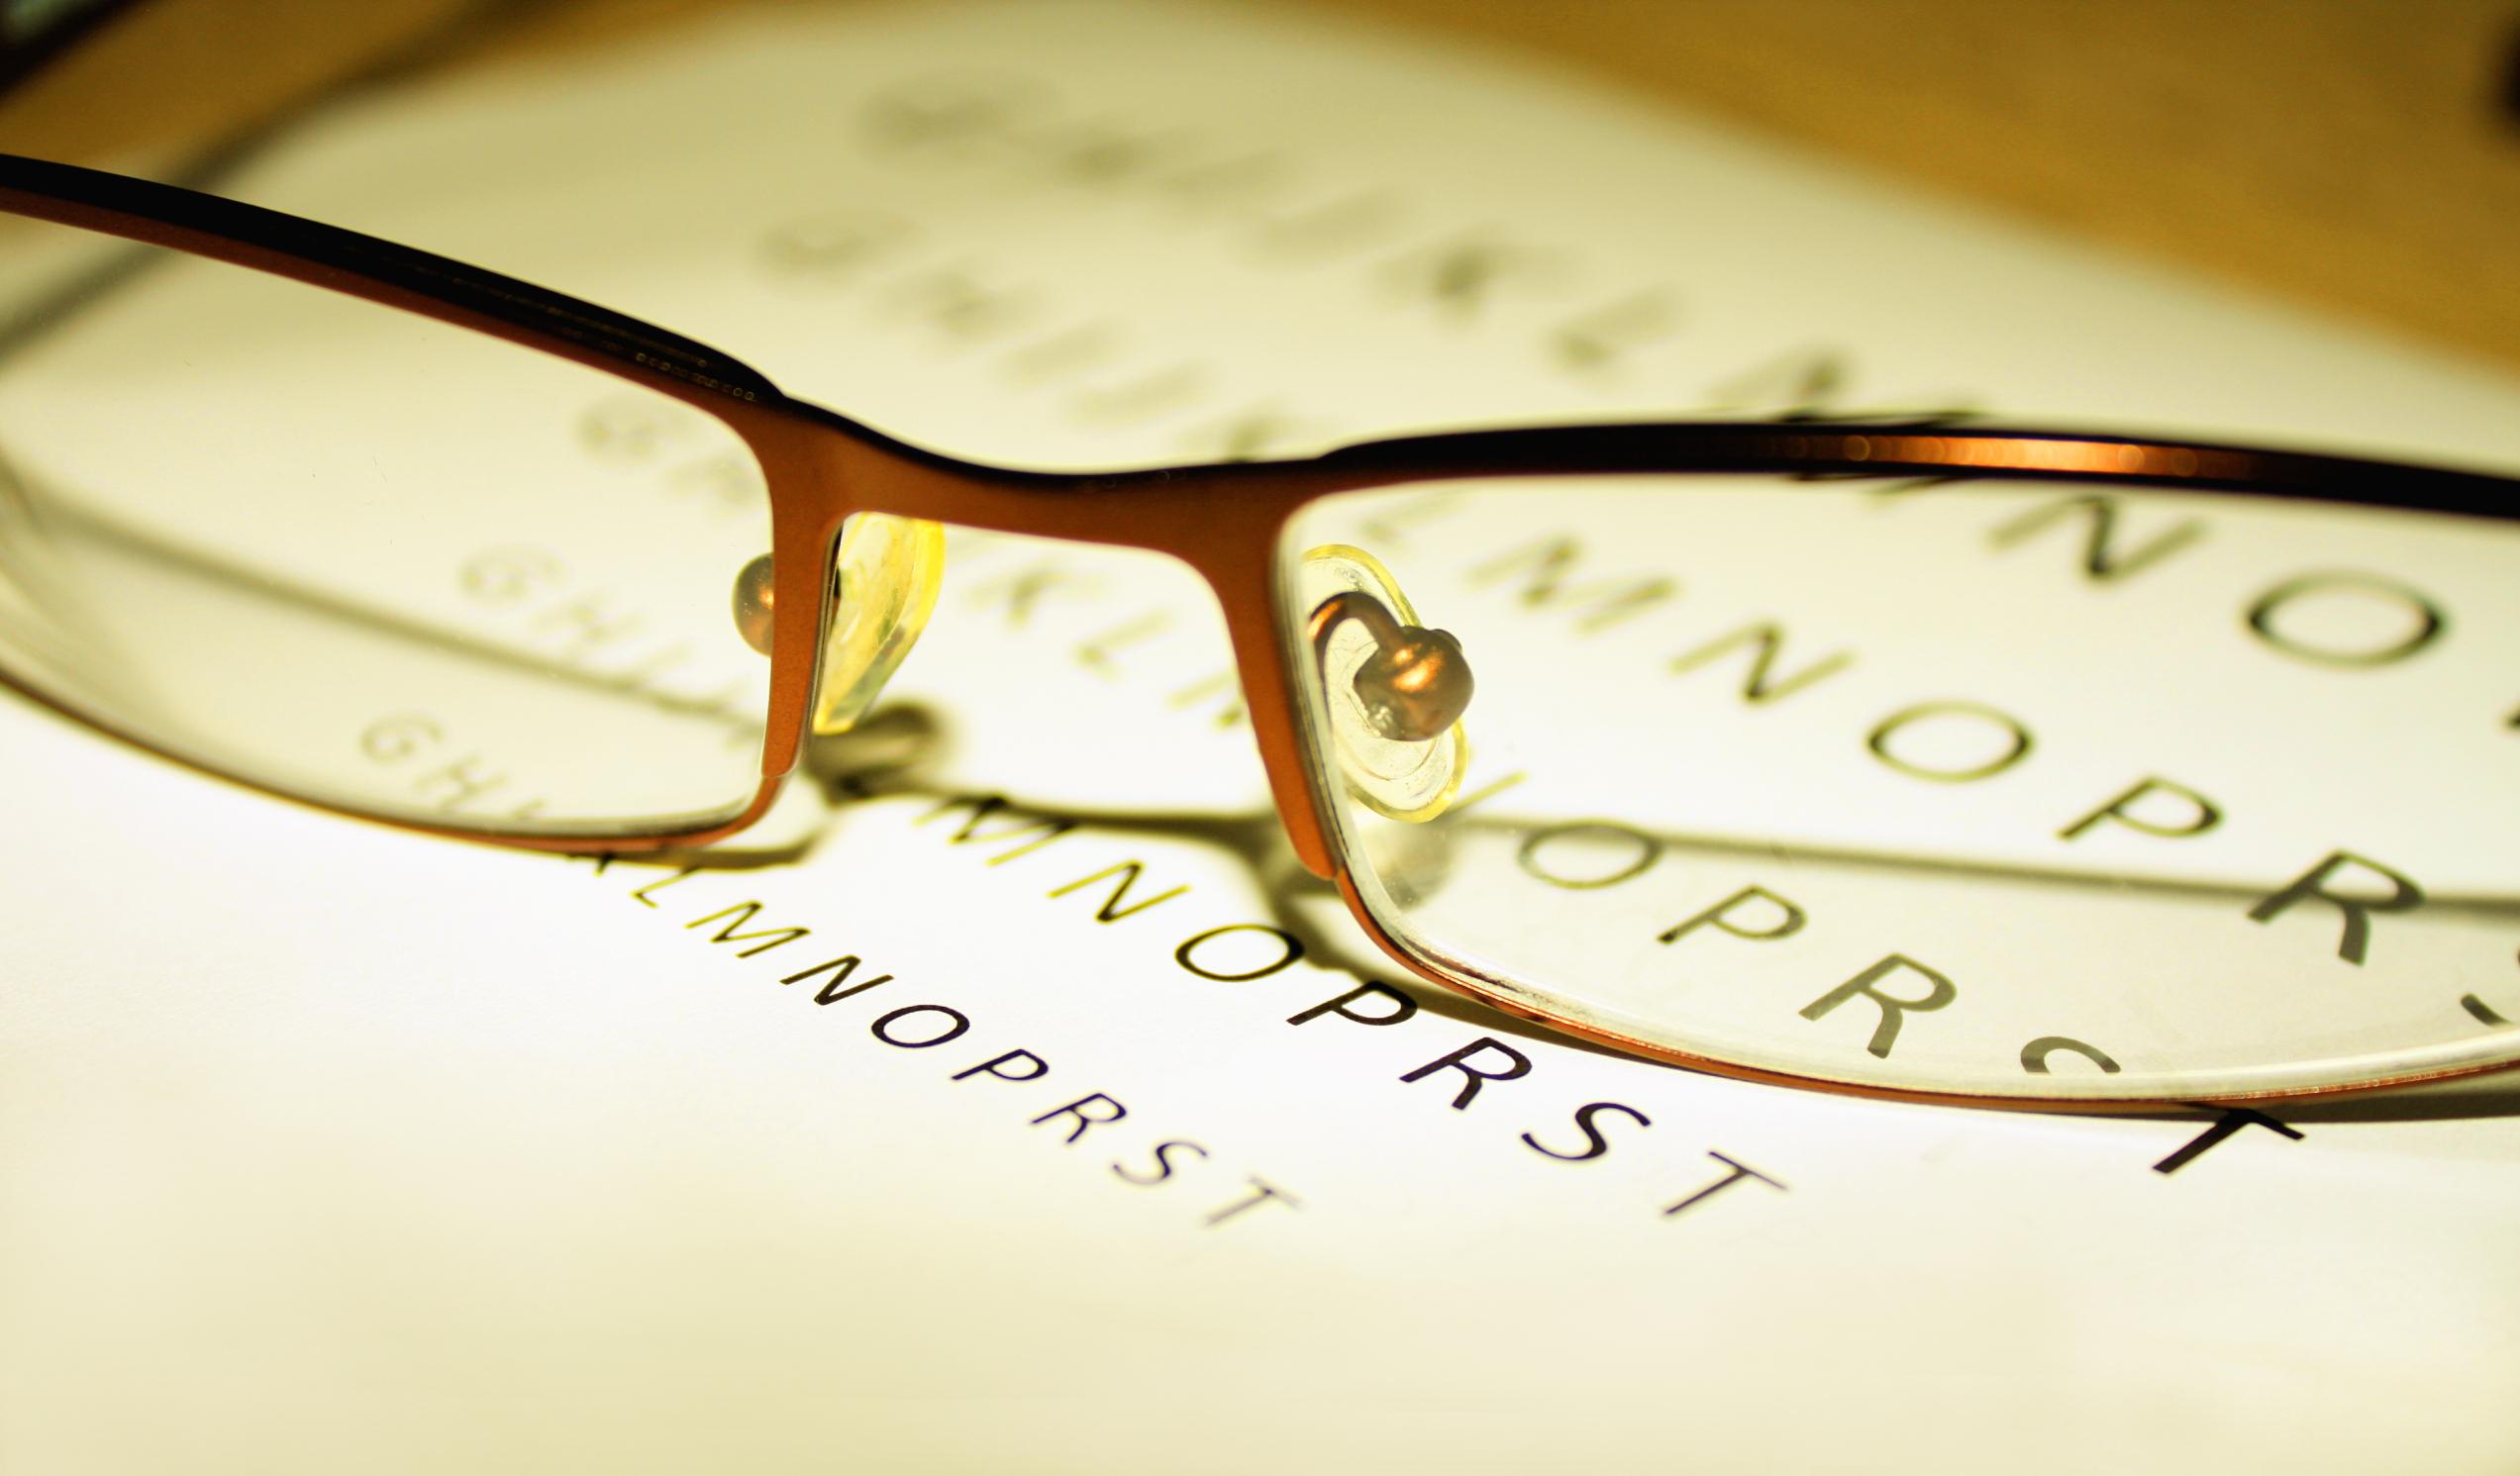 vederea corpului străin miopia progresează spre dioptrii